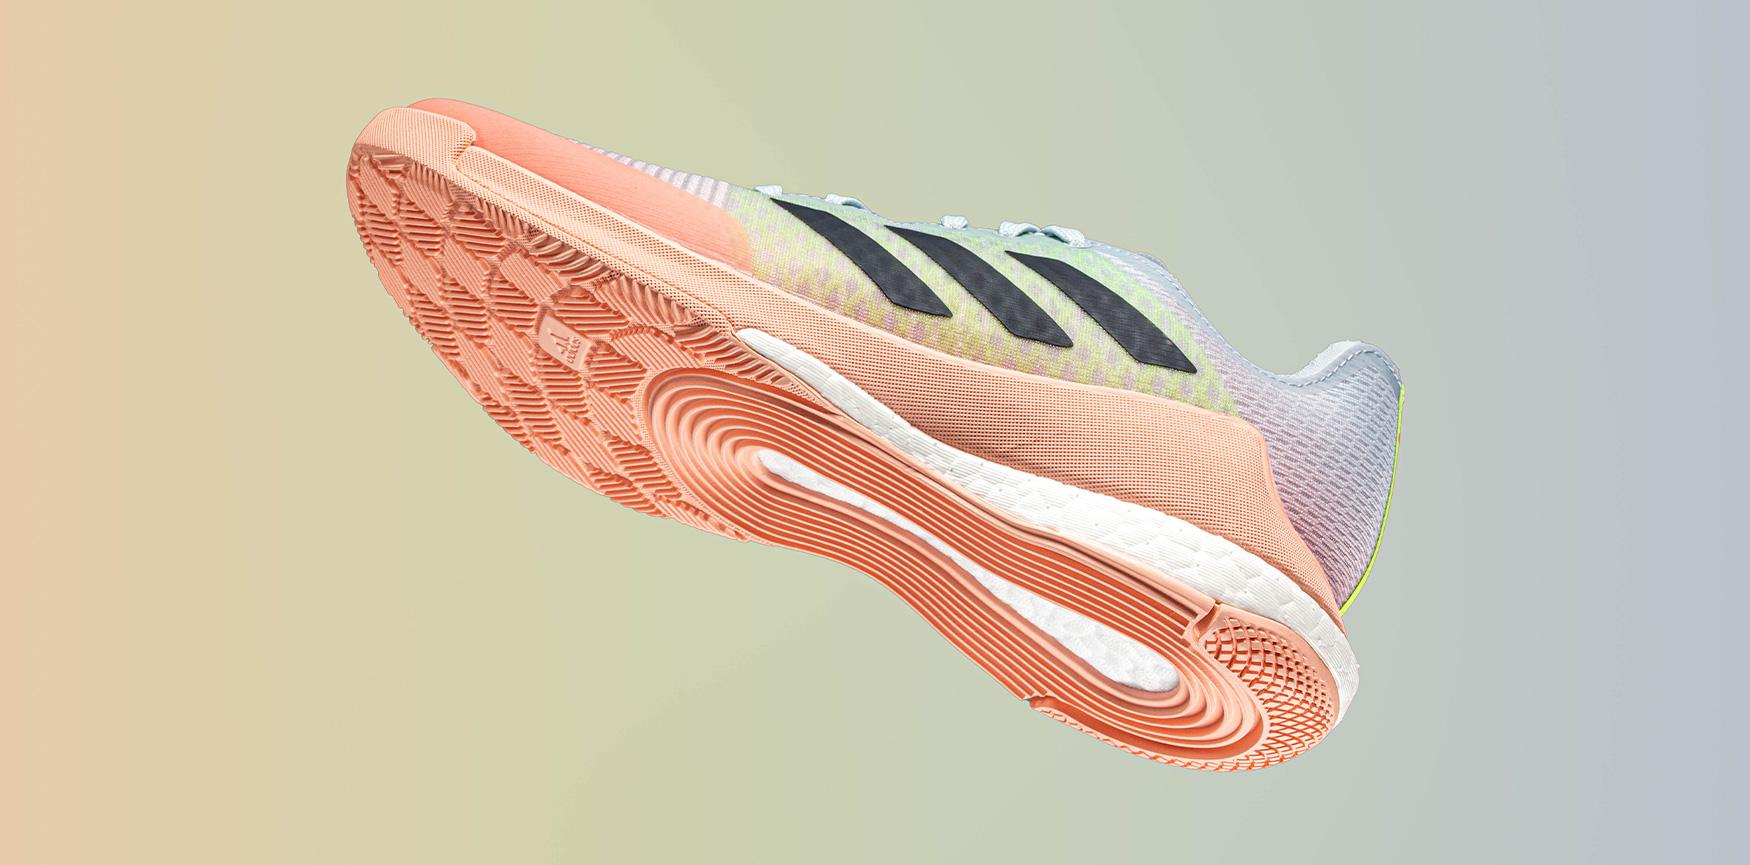 Netball Equipment Shop - Netball Shoes